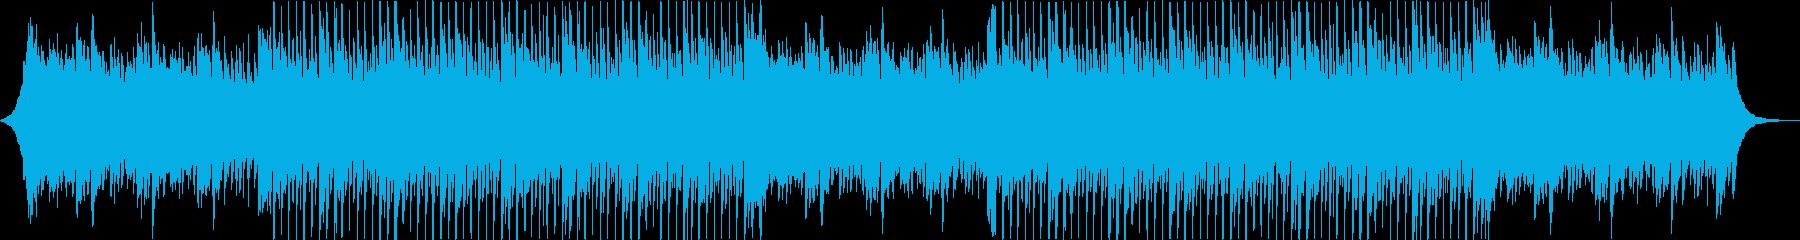 温かい・優しい・安心・テクノポップの再生済みの波形